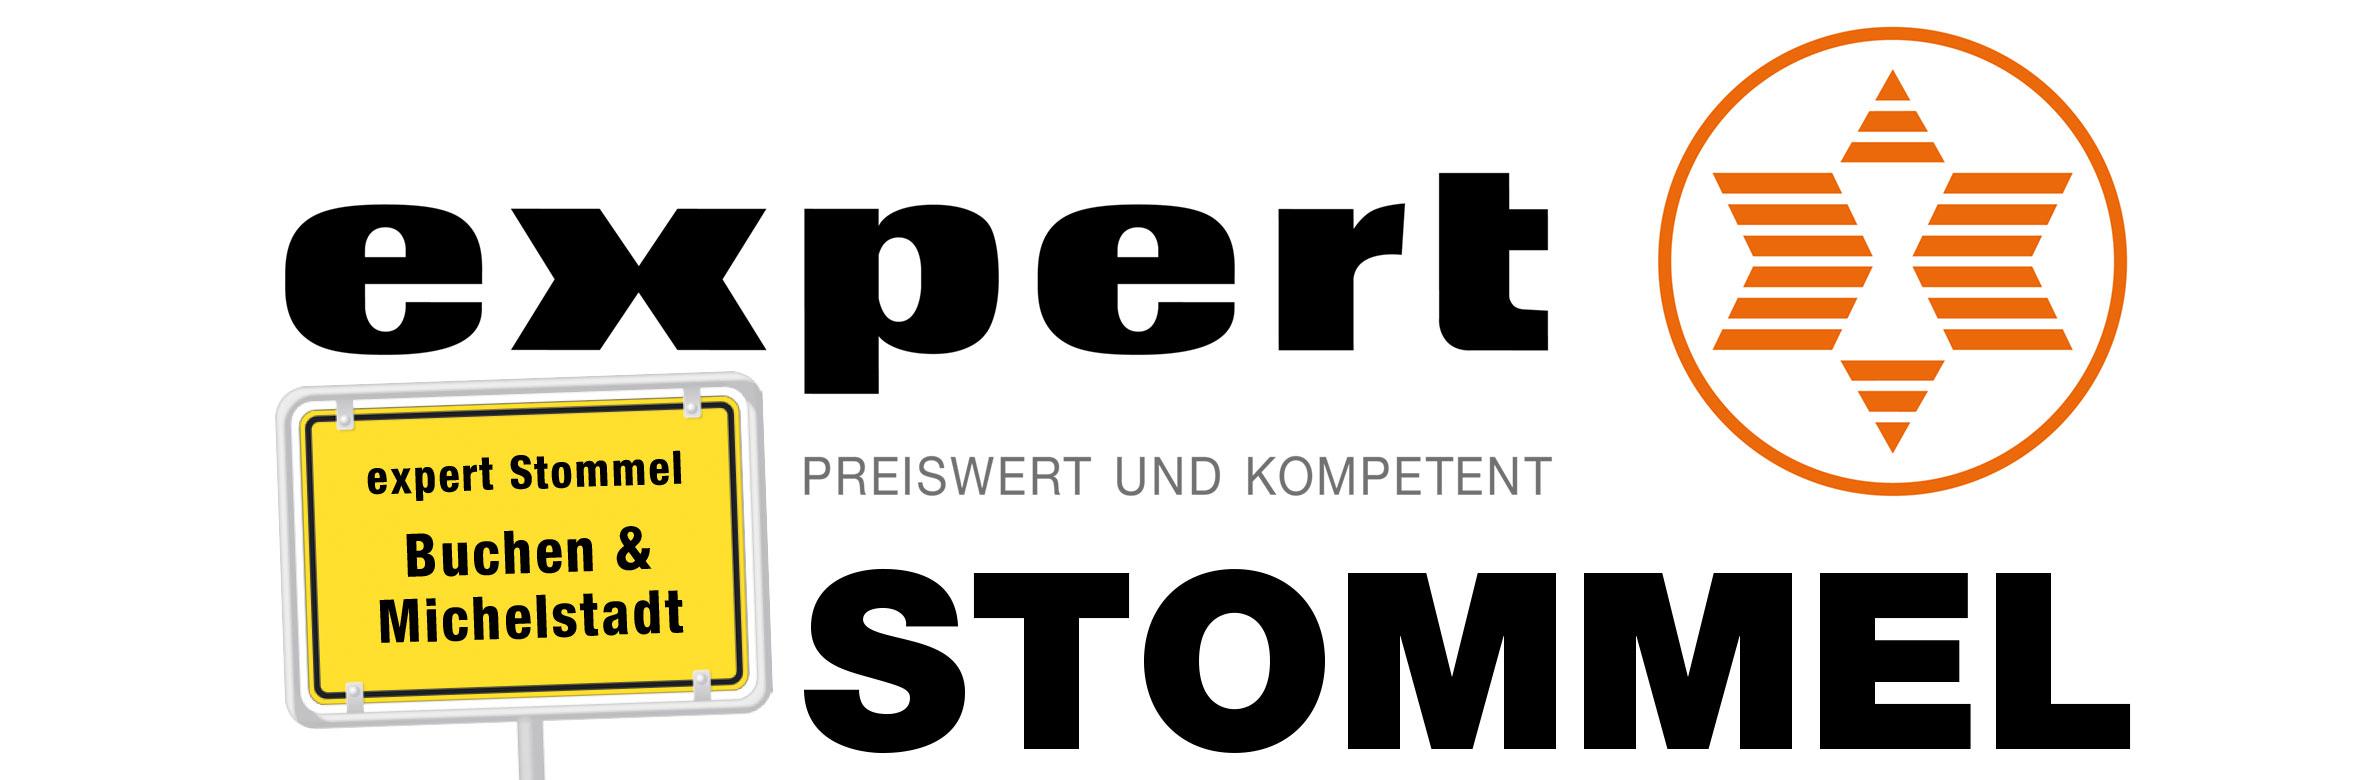 http://www.expertstommel.de